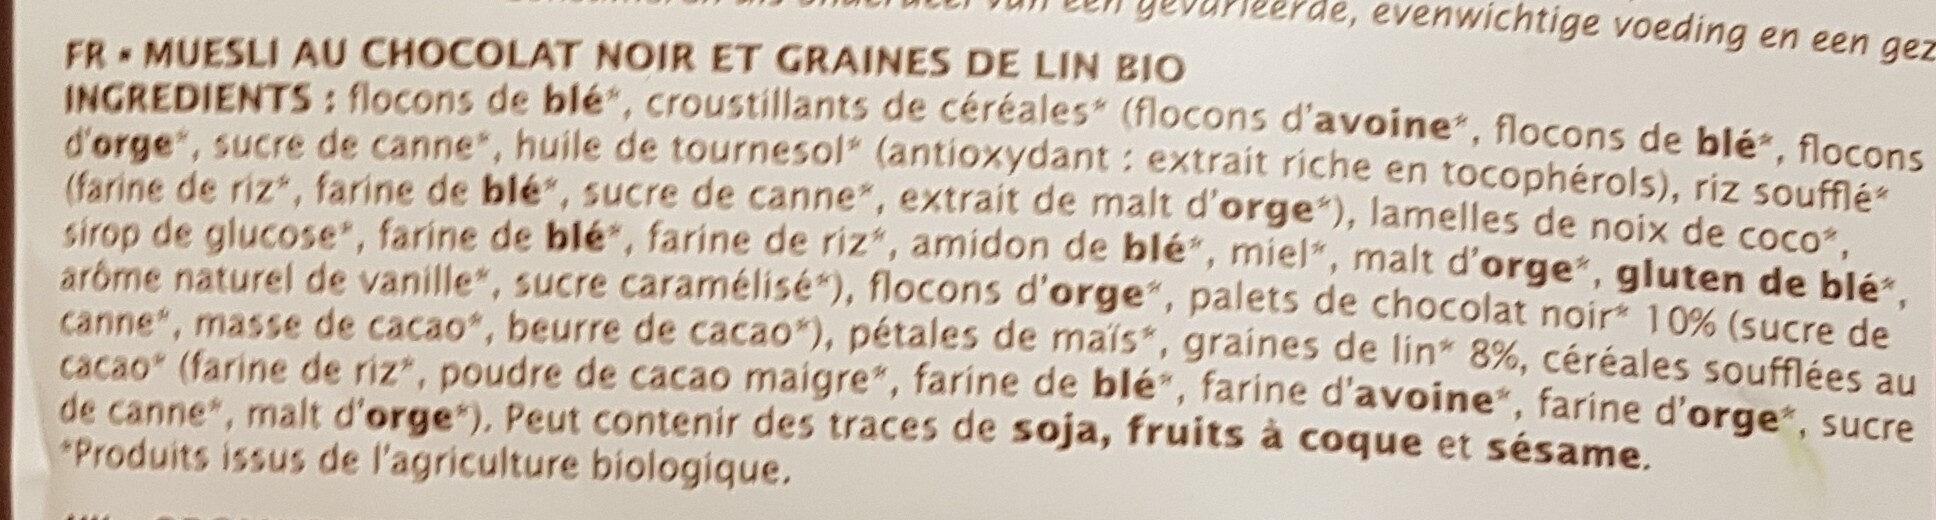 Muesli chocolat noir et graines de lin - Ingrédients - fr